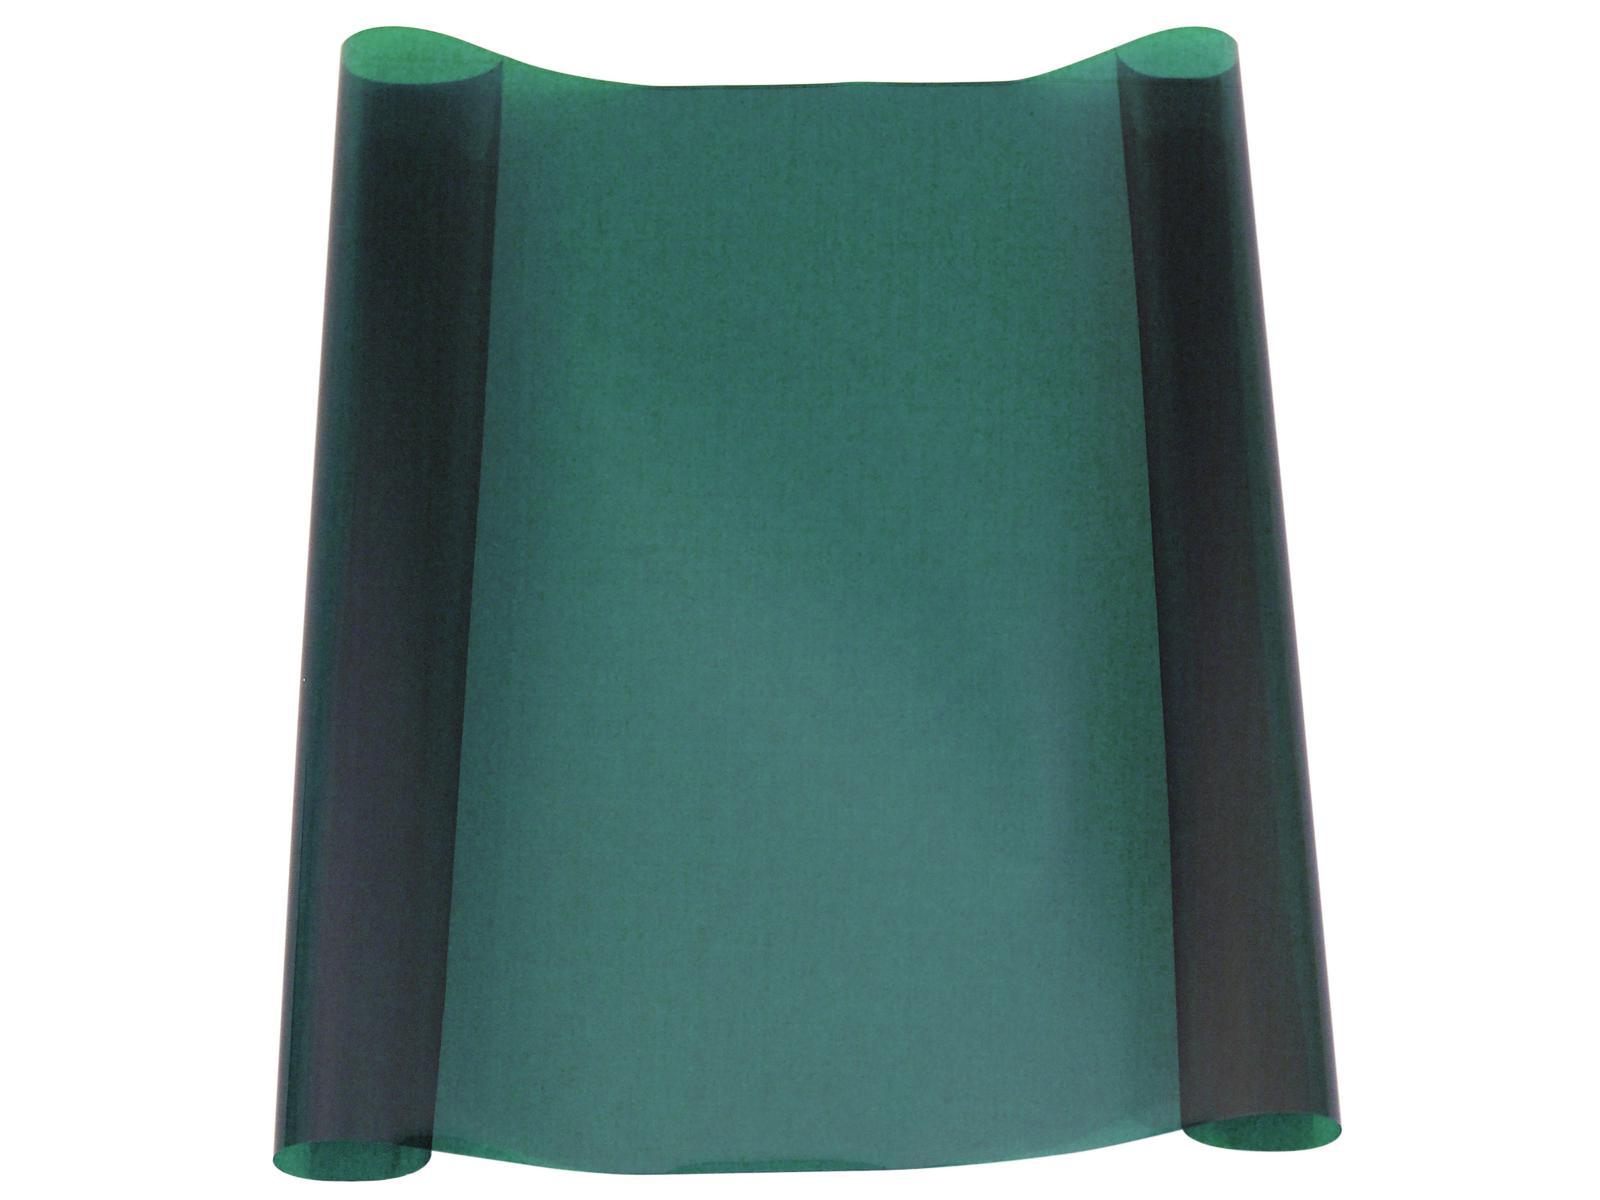 Gelatina Rotolo Foglio Filtro Per Tubo neon led 116 50x58cm verde Eurolite